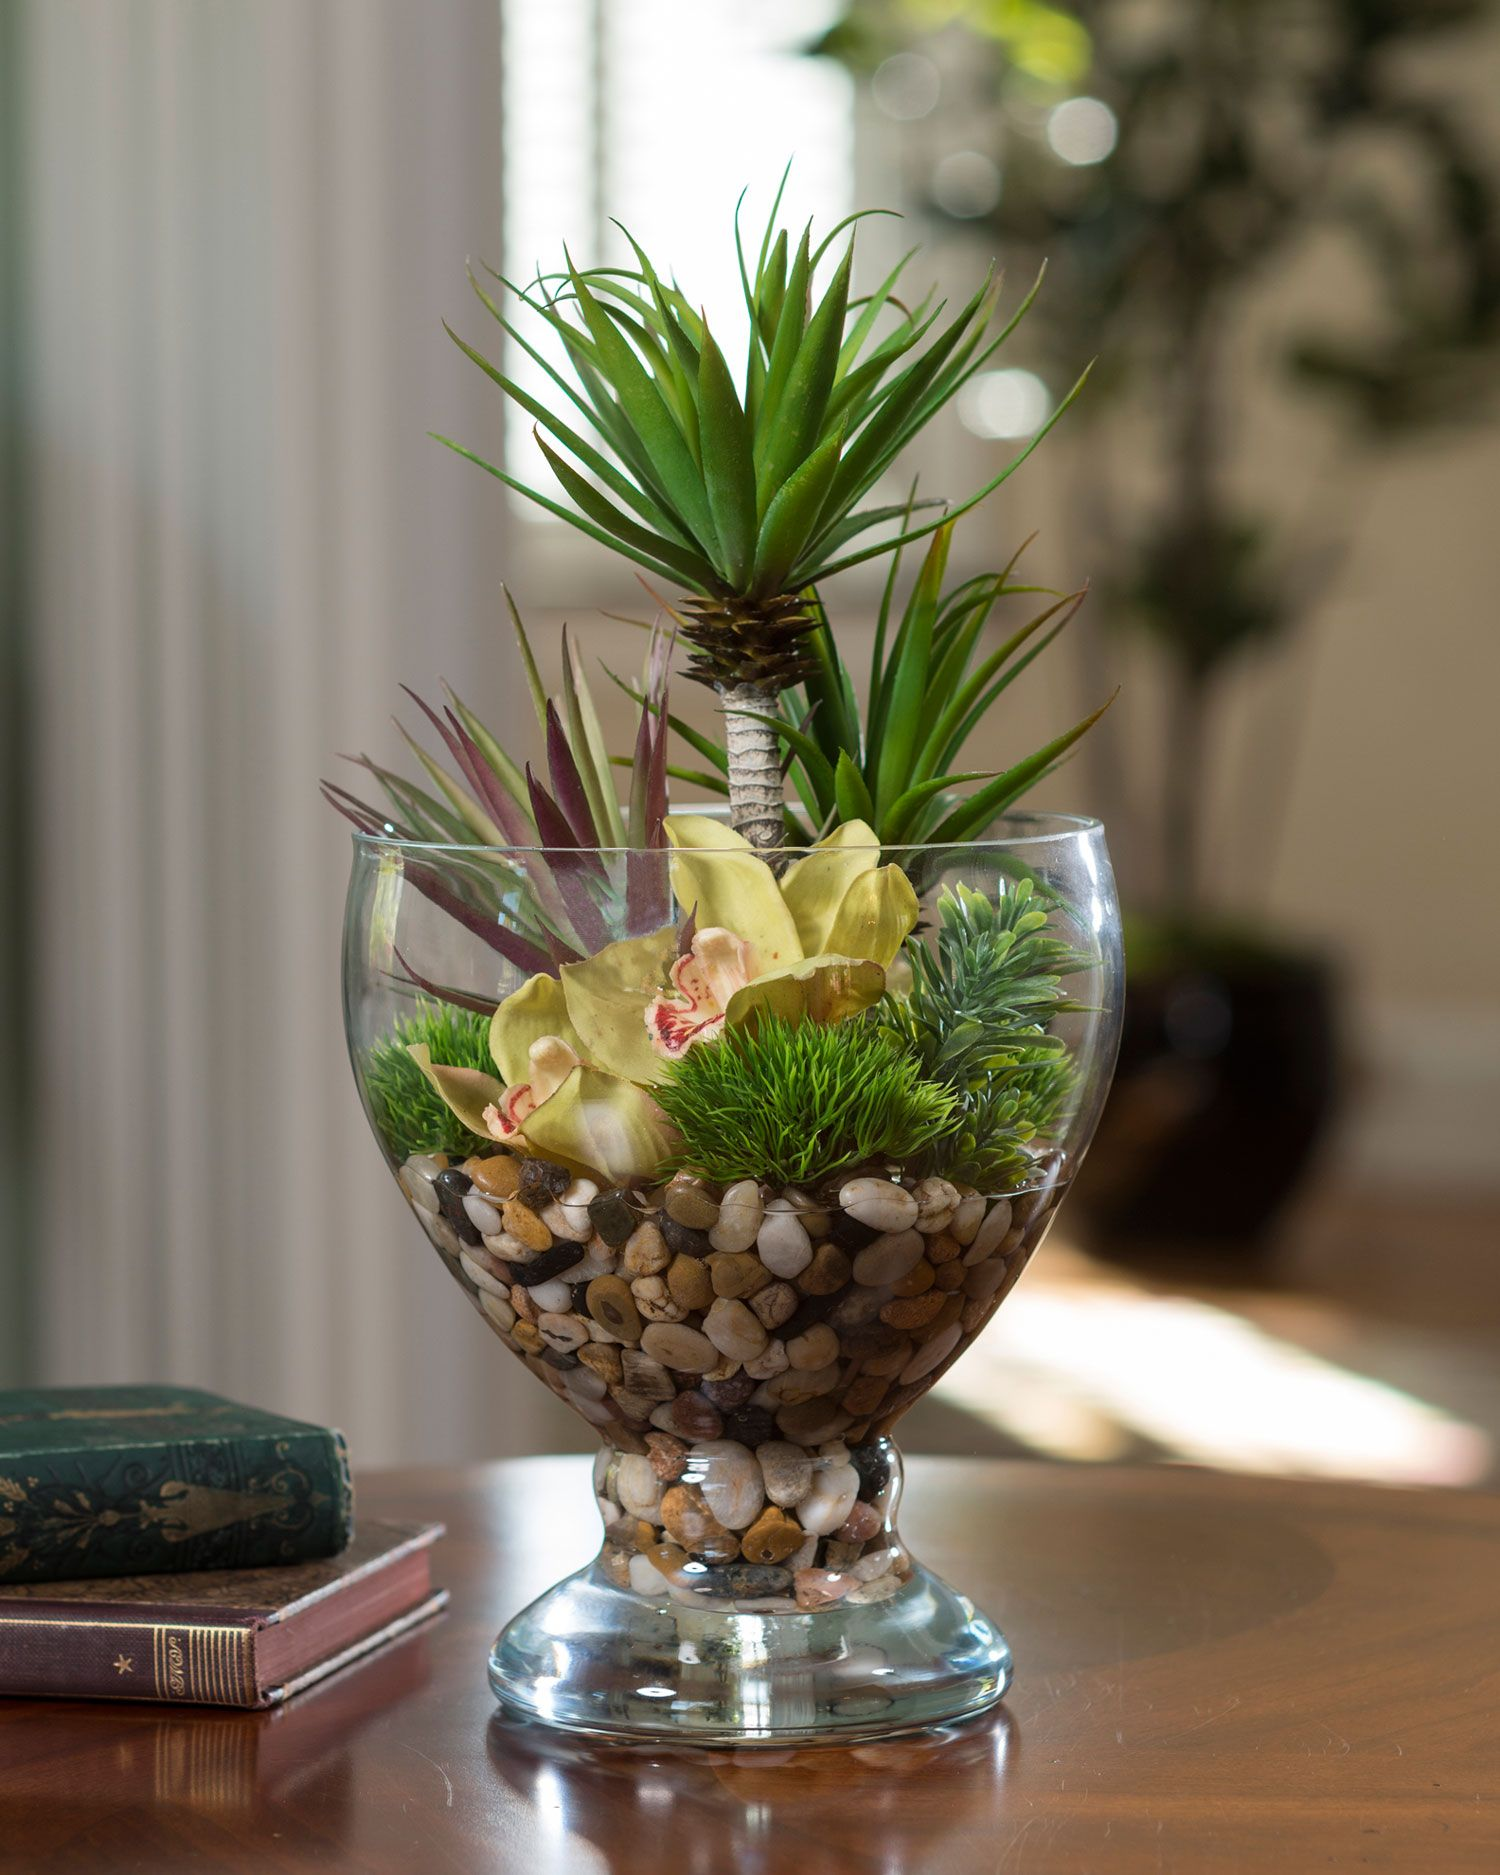 Succulent & Cymbidium Orchid